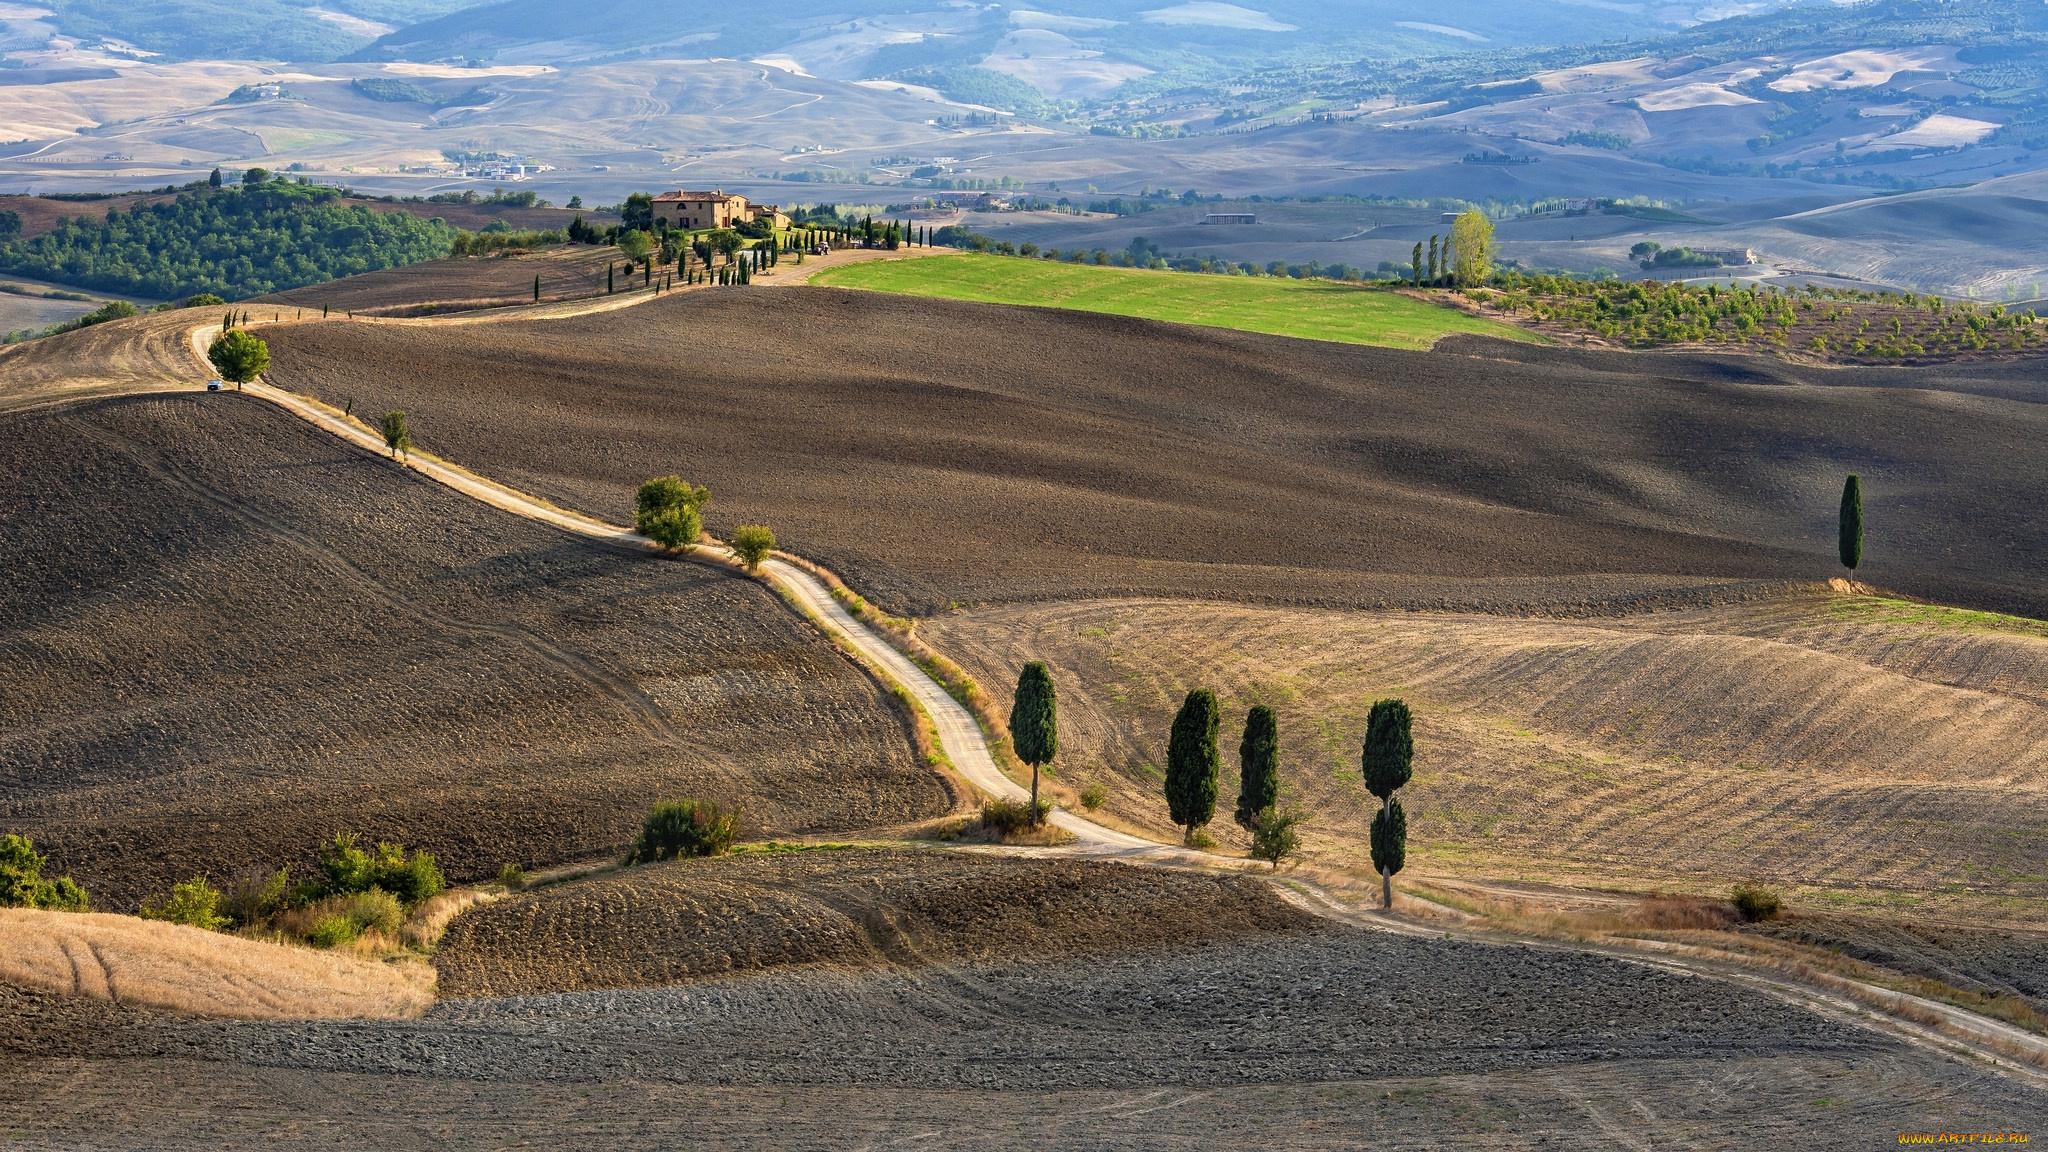 дорога в Италии  № 2221802 загрузить